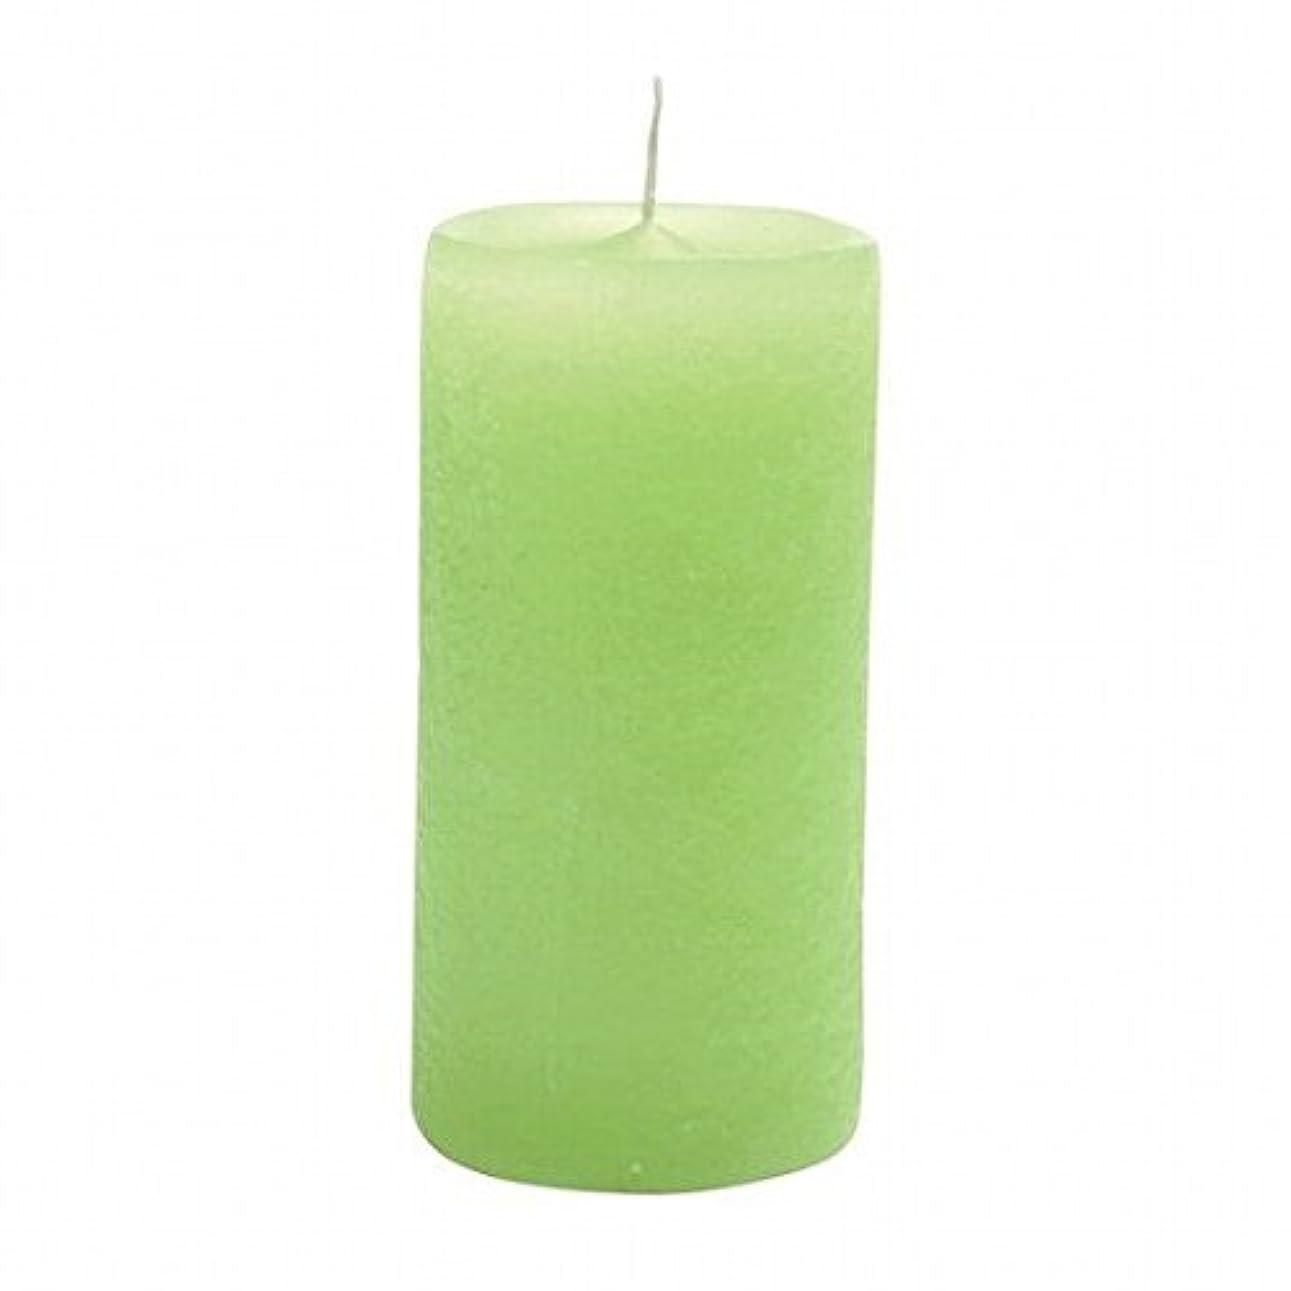 陰気フリル腐ったYANKEE CANDLE(ヤンキーキャンドル) ラスティクピラー50×100 「 ライトグリーン 」(A4930020LG)